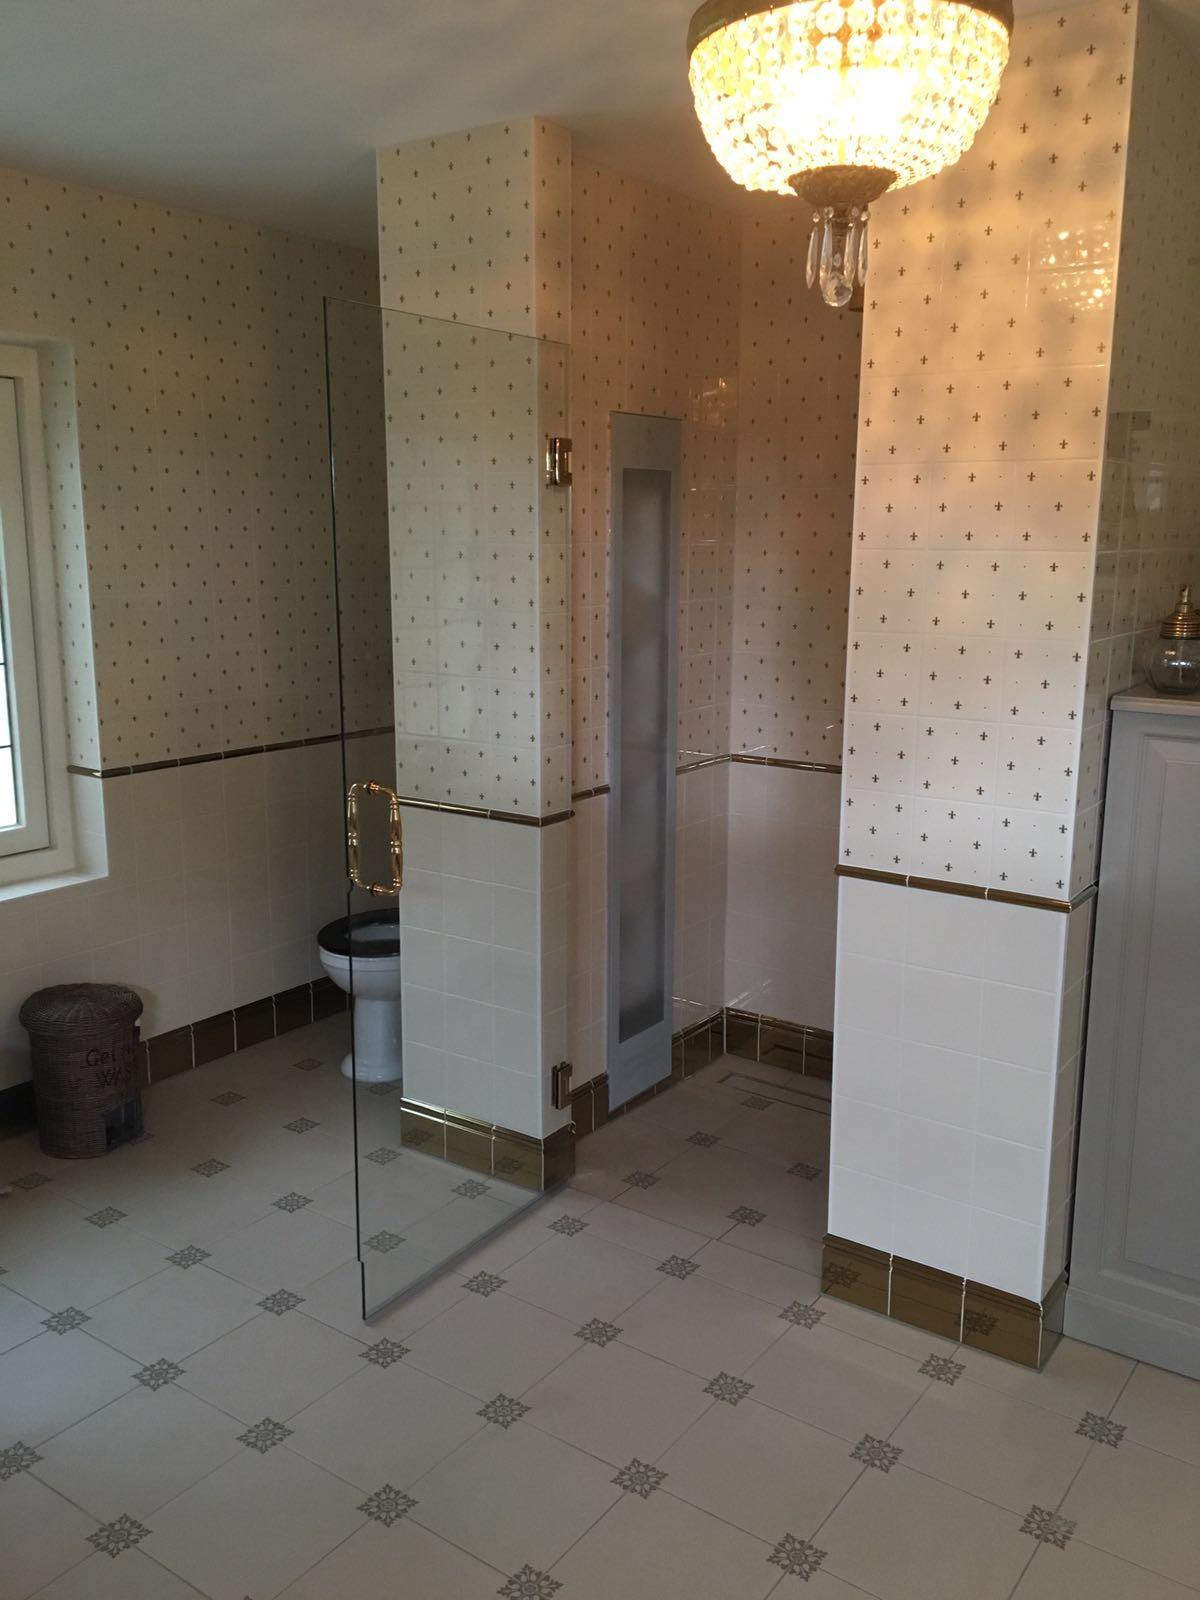 Klassieke badkamers Rhenen 2 - Wiesenekker Badkamerconcepten